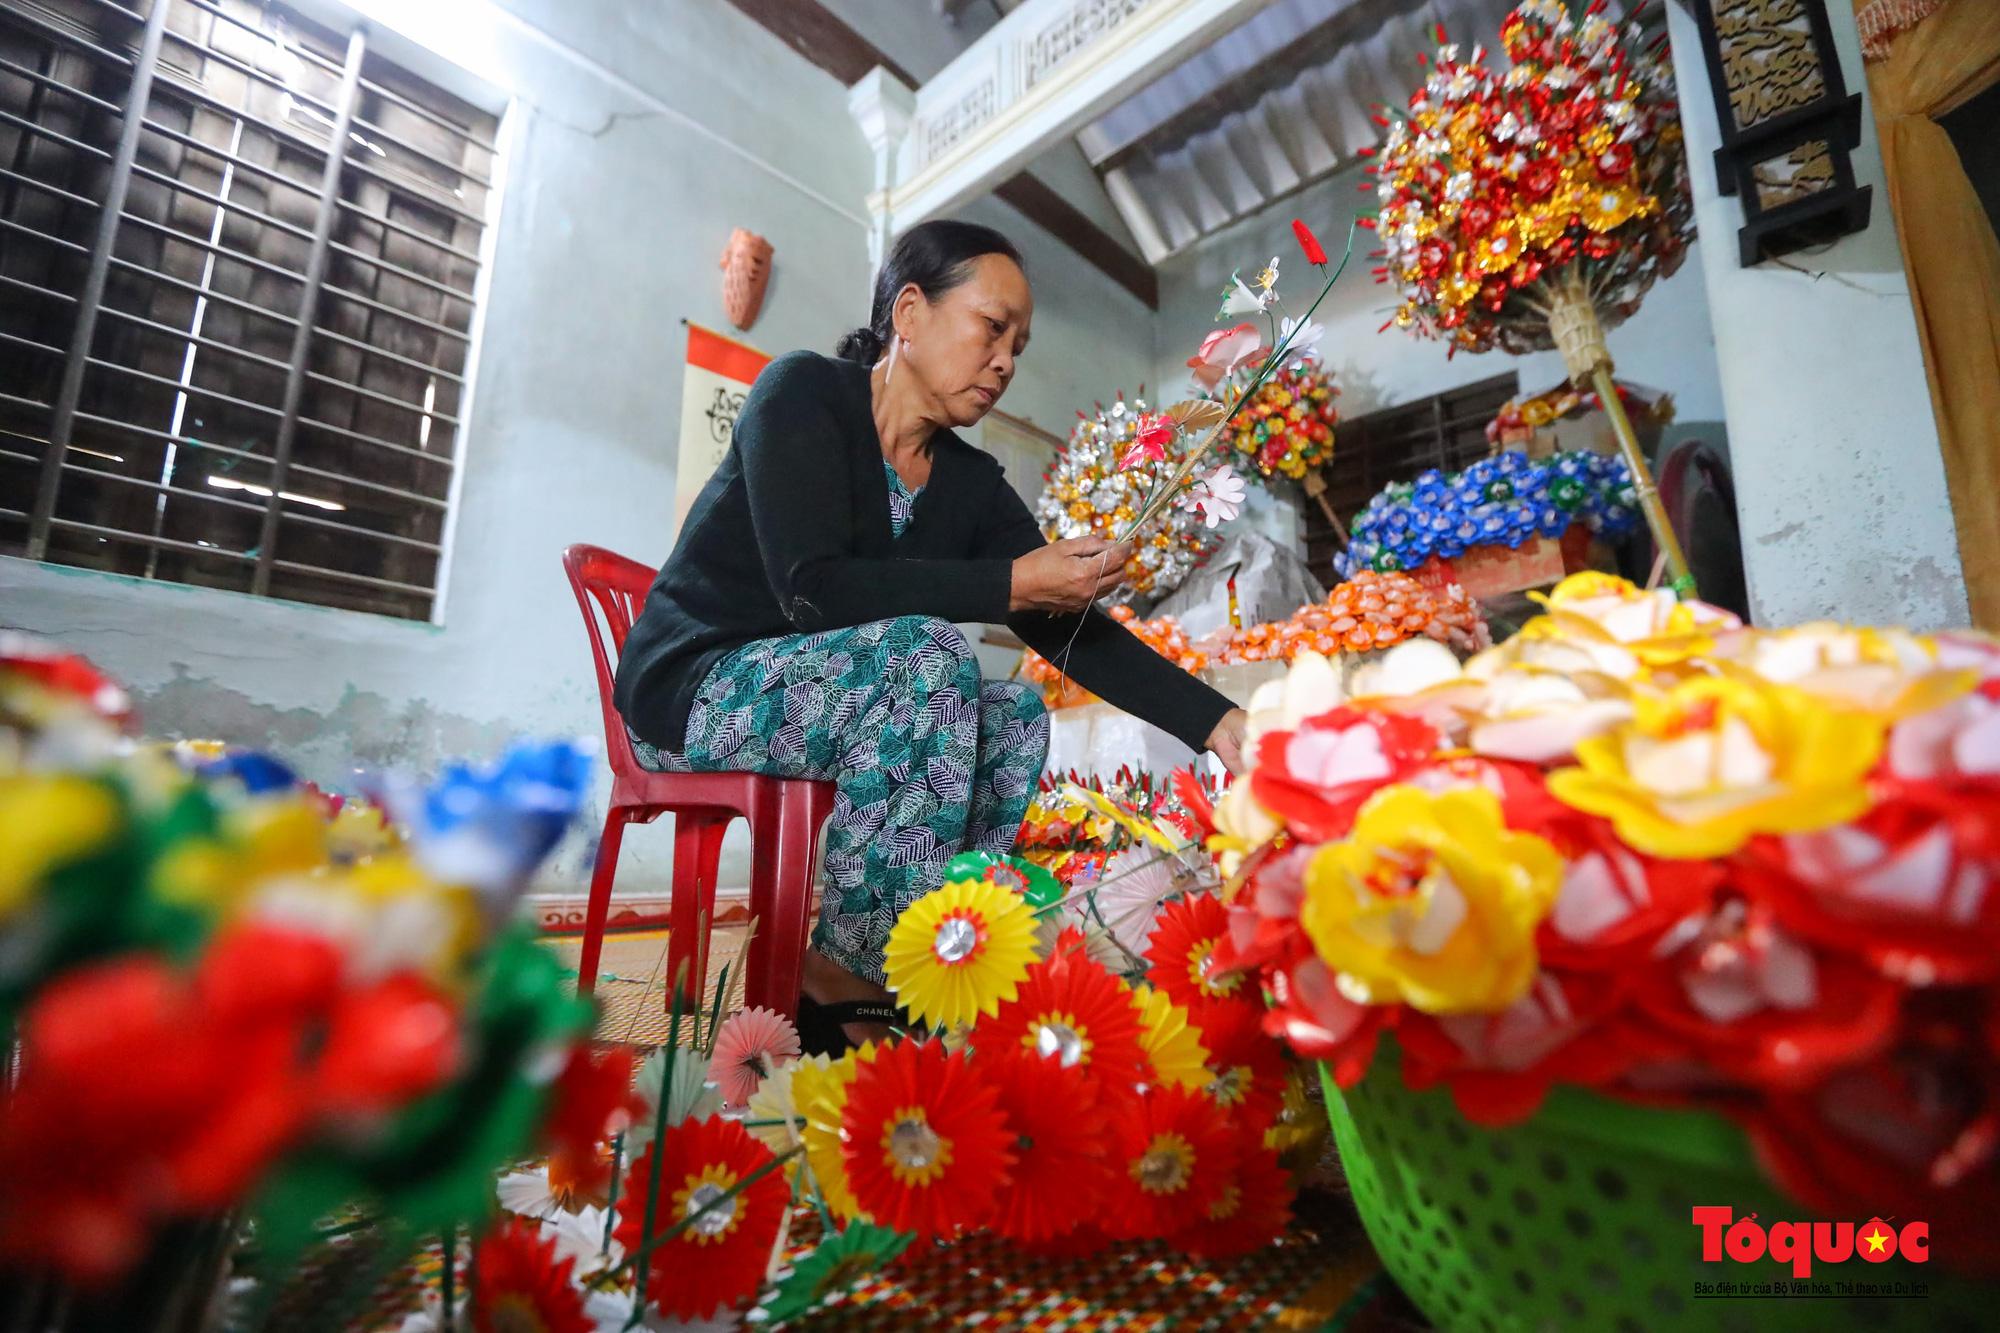 Rực rỡ sắc màu hoa Tết tại làng nghề hoa giấy hơn 300 tuổi - Ảnh 2.